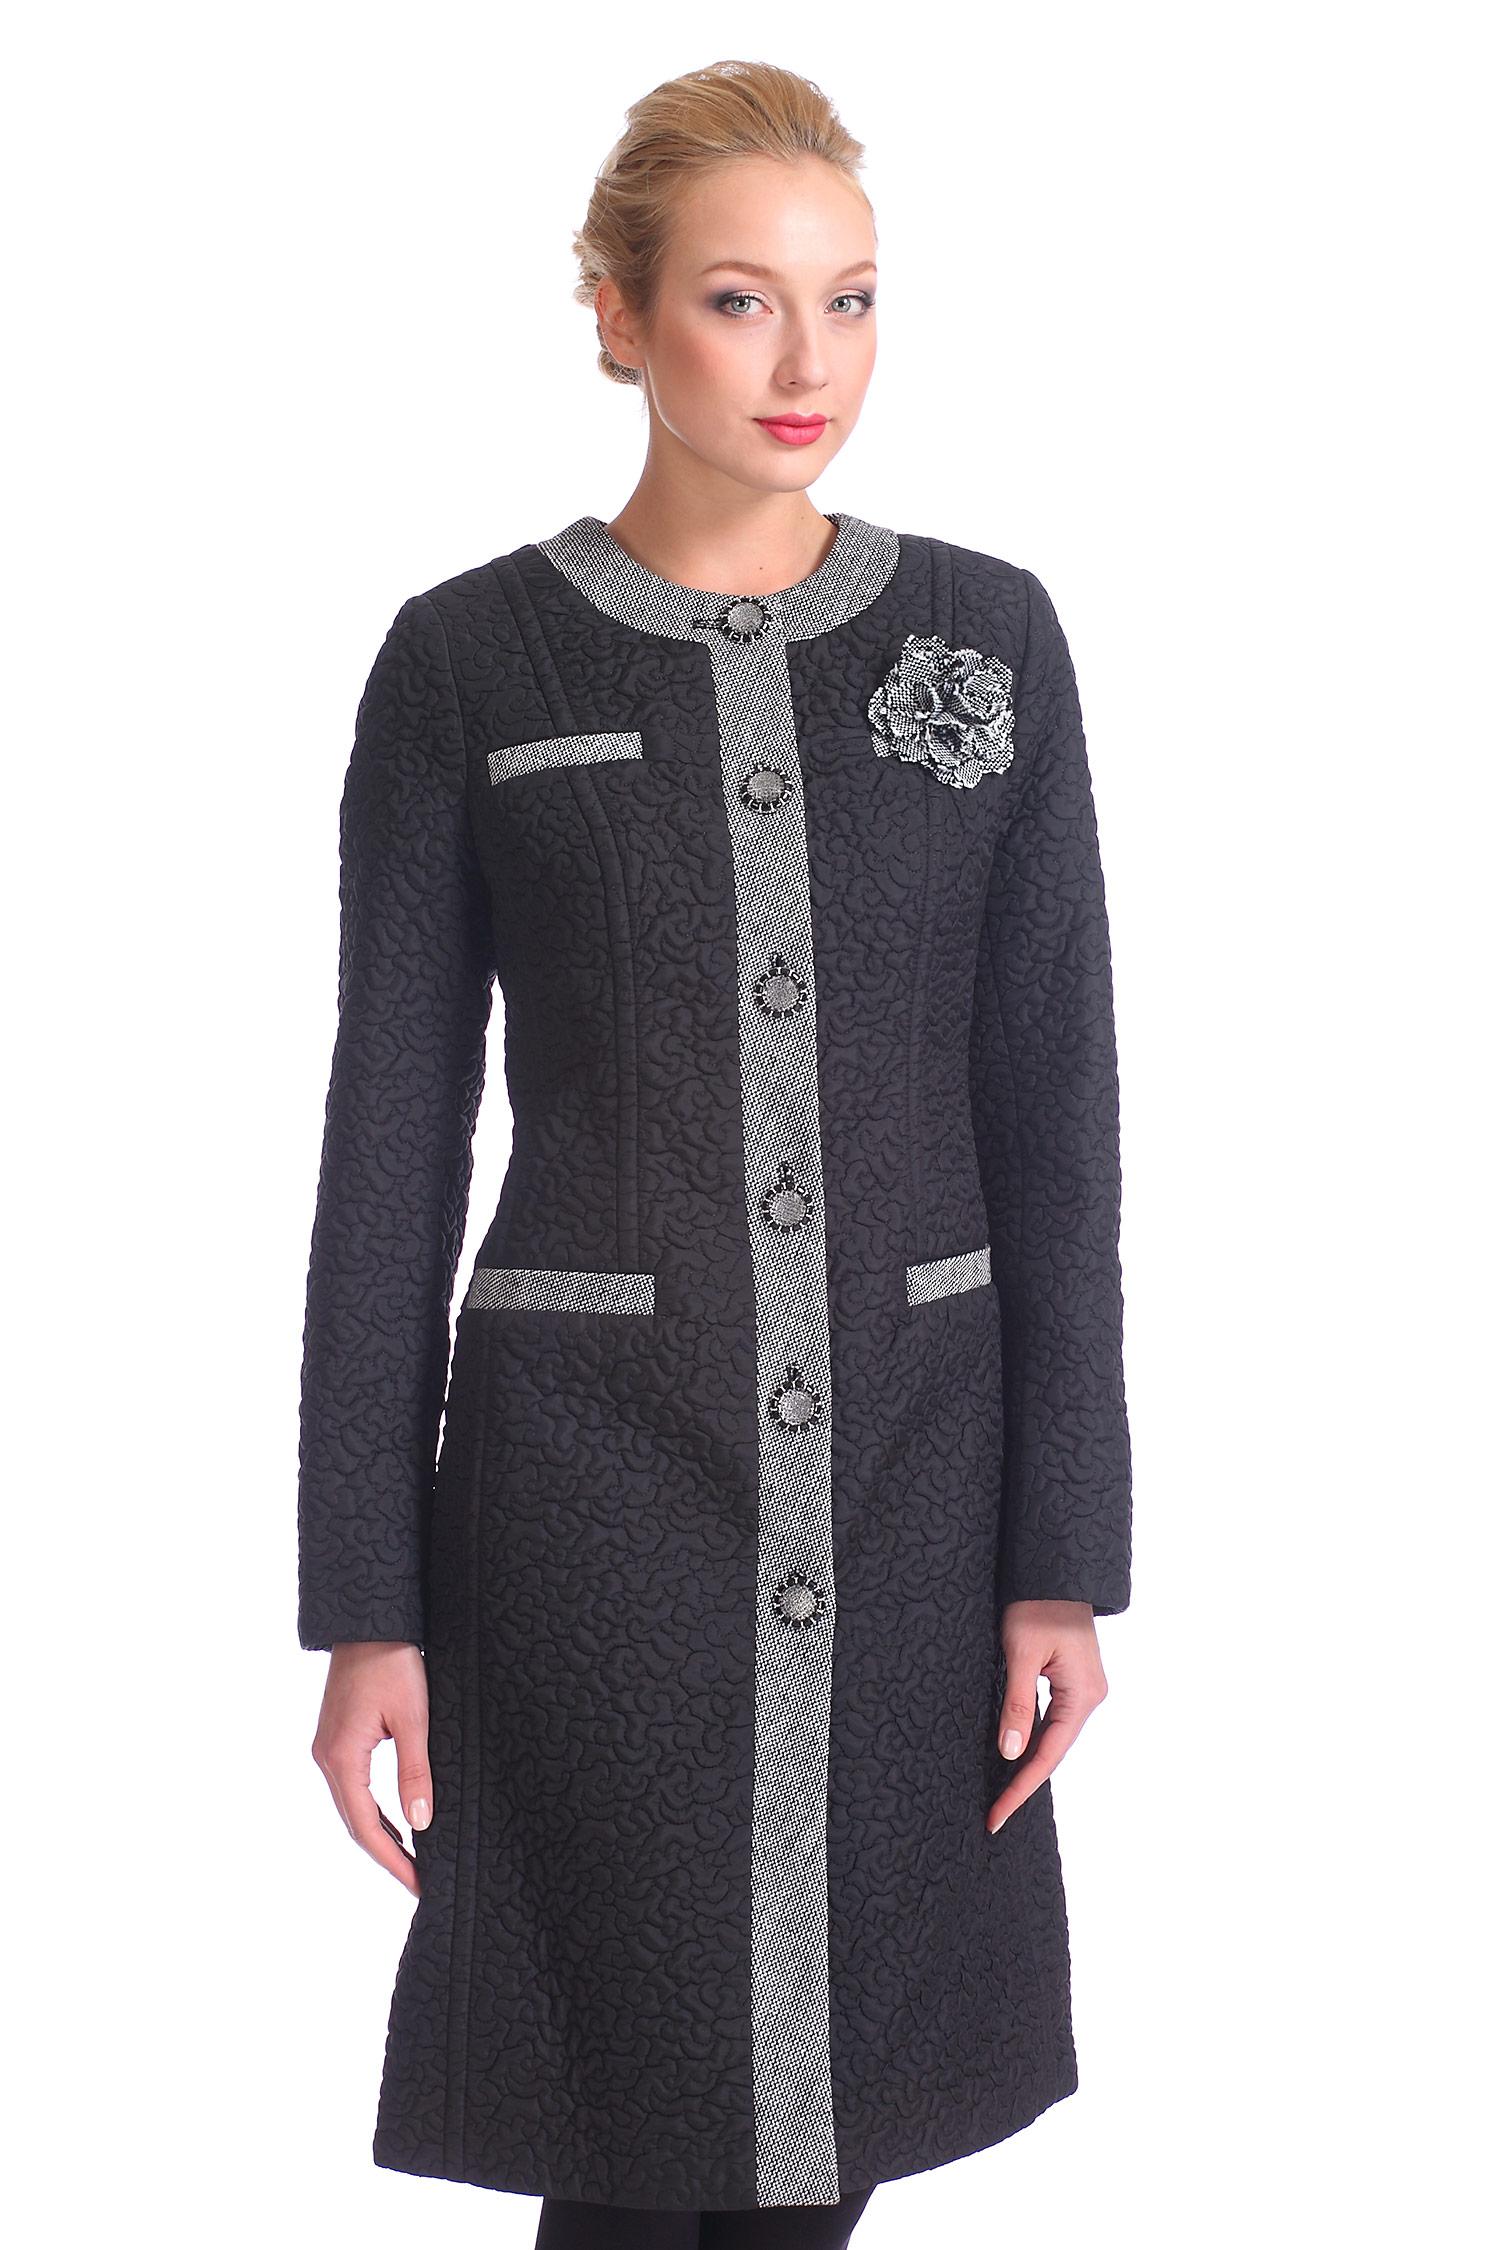 Женское пальто с воротником, без отделки<br><br>Воротник: Шанель<br>Длина см: 100<br>Материал: 100% полиэстер<br>Цвет: Черный<br>Пол: Женский